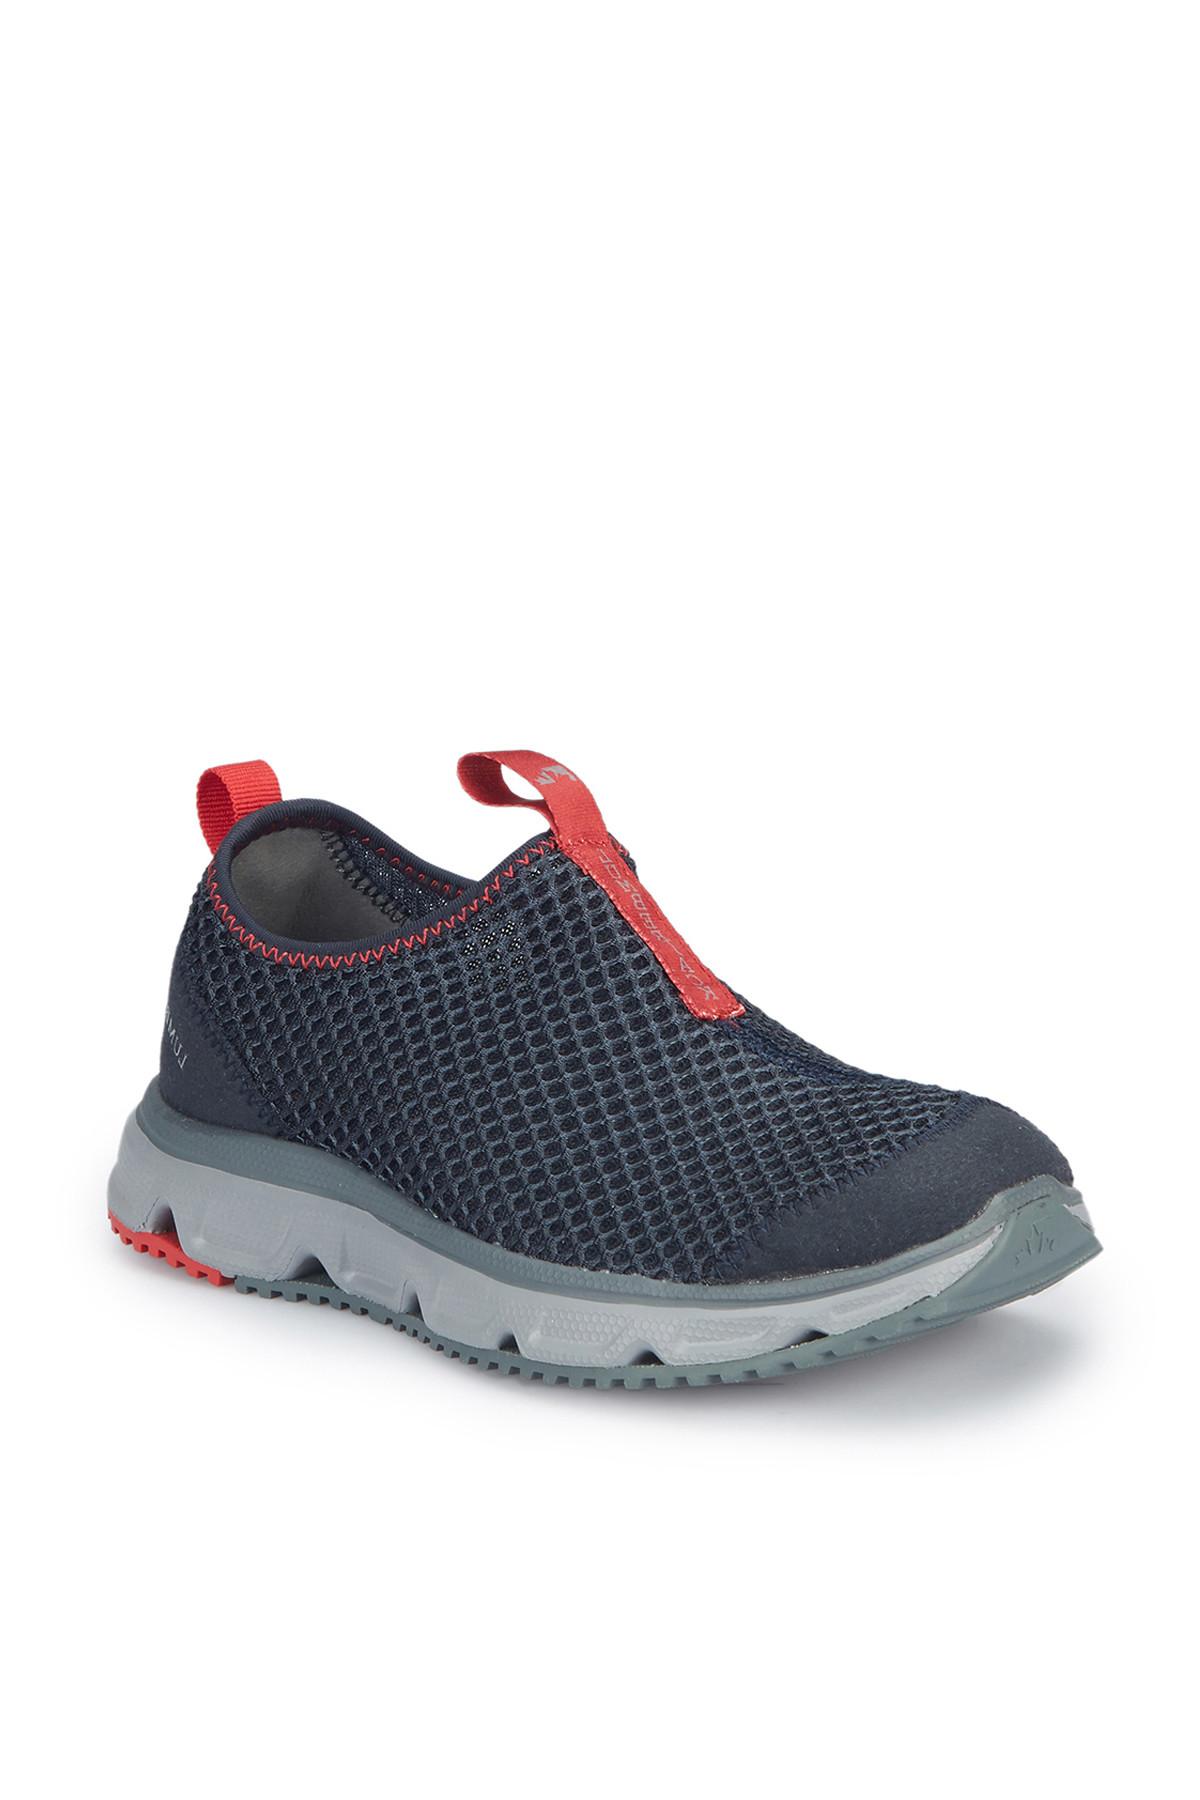 lumberjack MERTO Lacivert Unisex Çocuk Ayakkabı 100236226 1